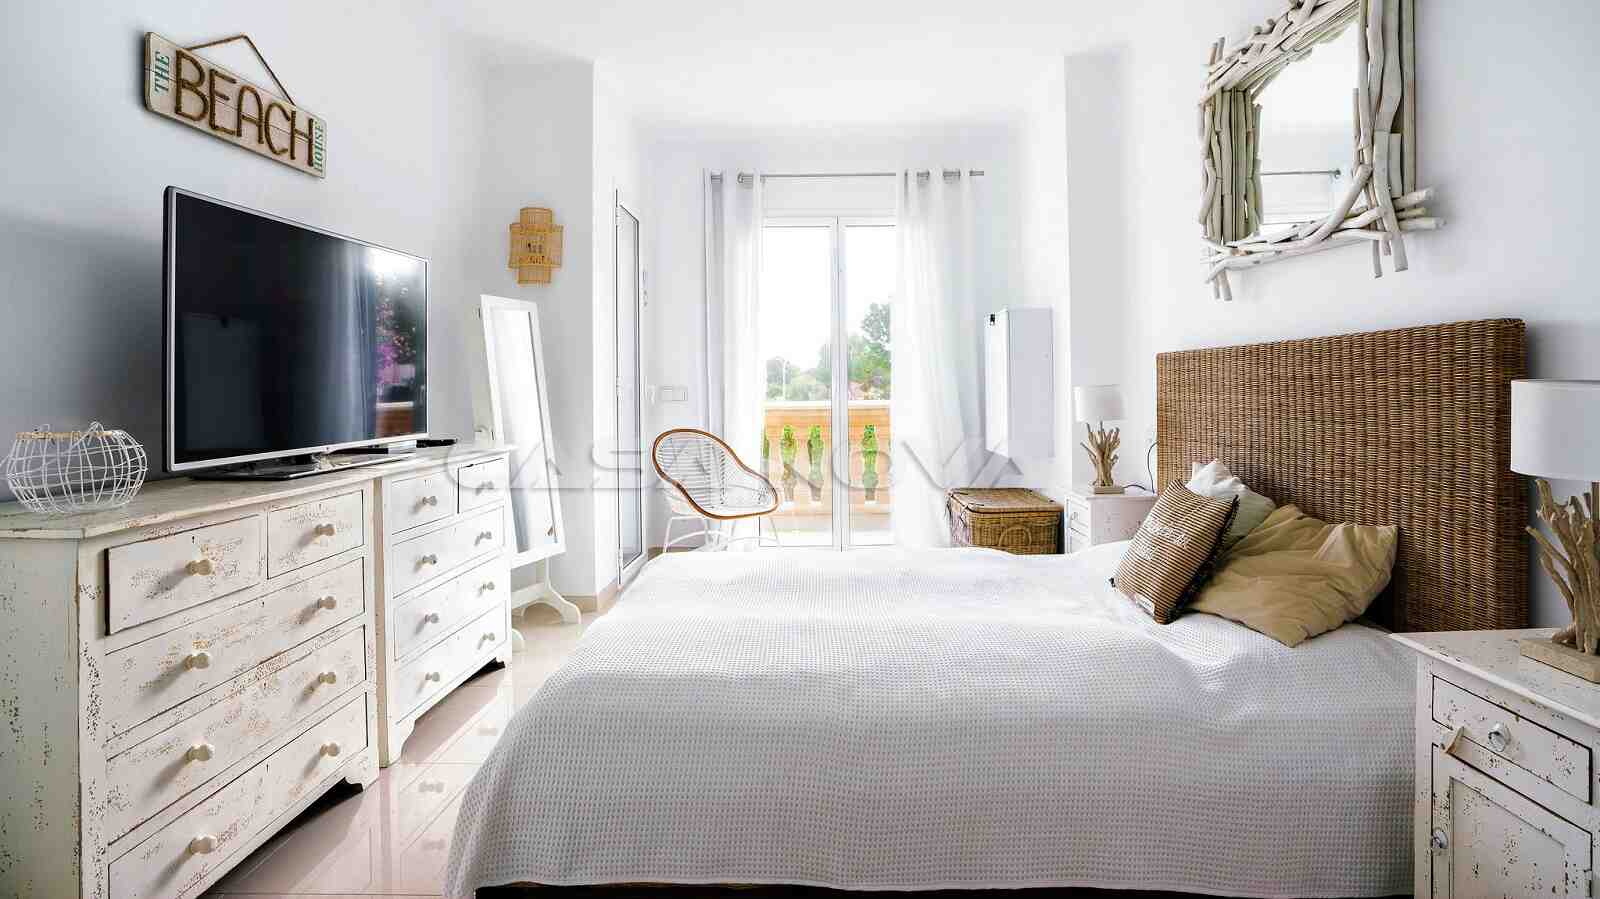 Ref. 2303031 - Gemütliches Doppelschlafzimmer mit Terrasse